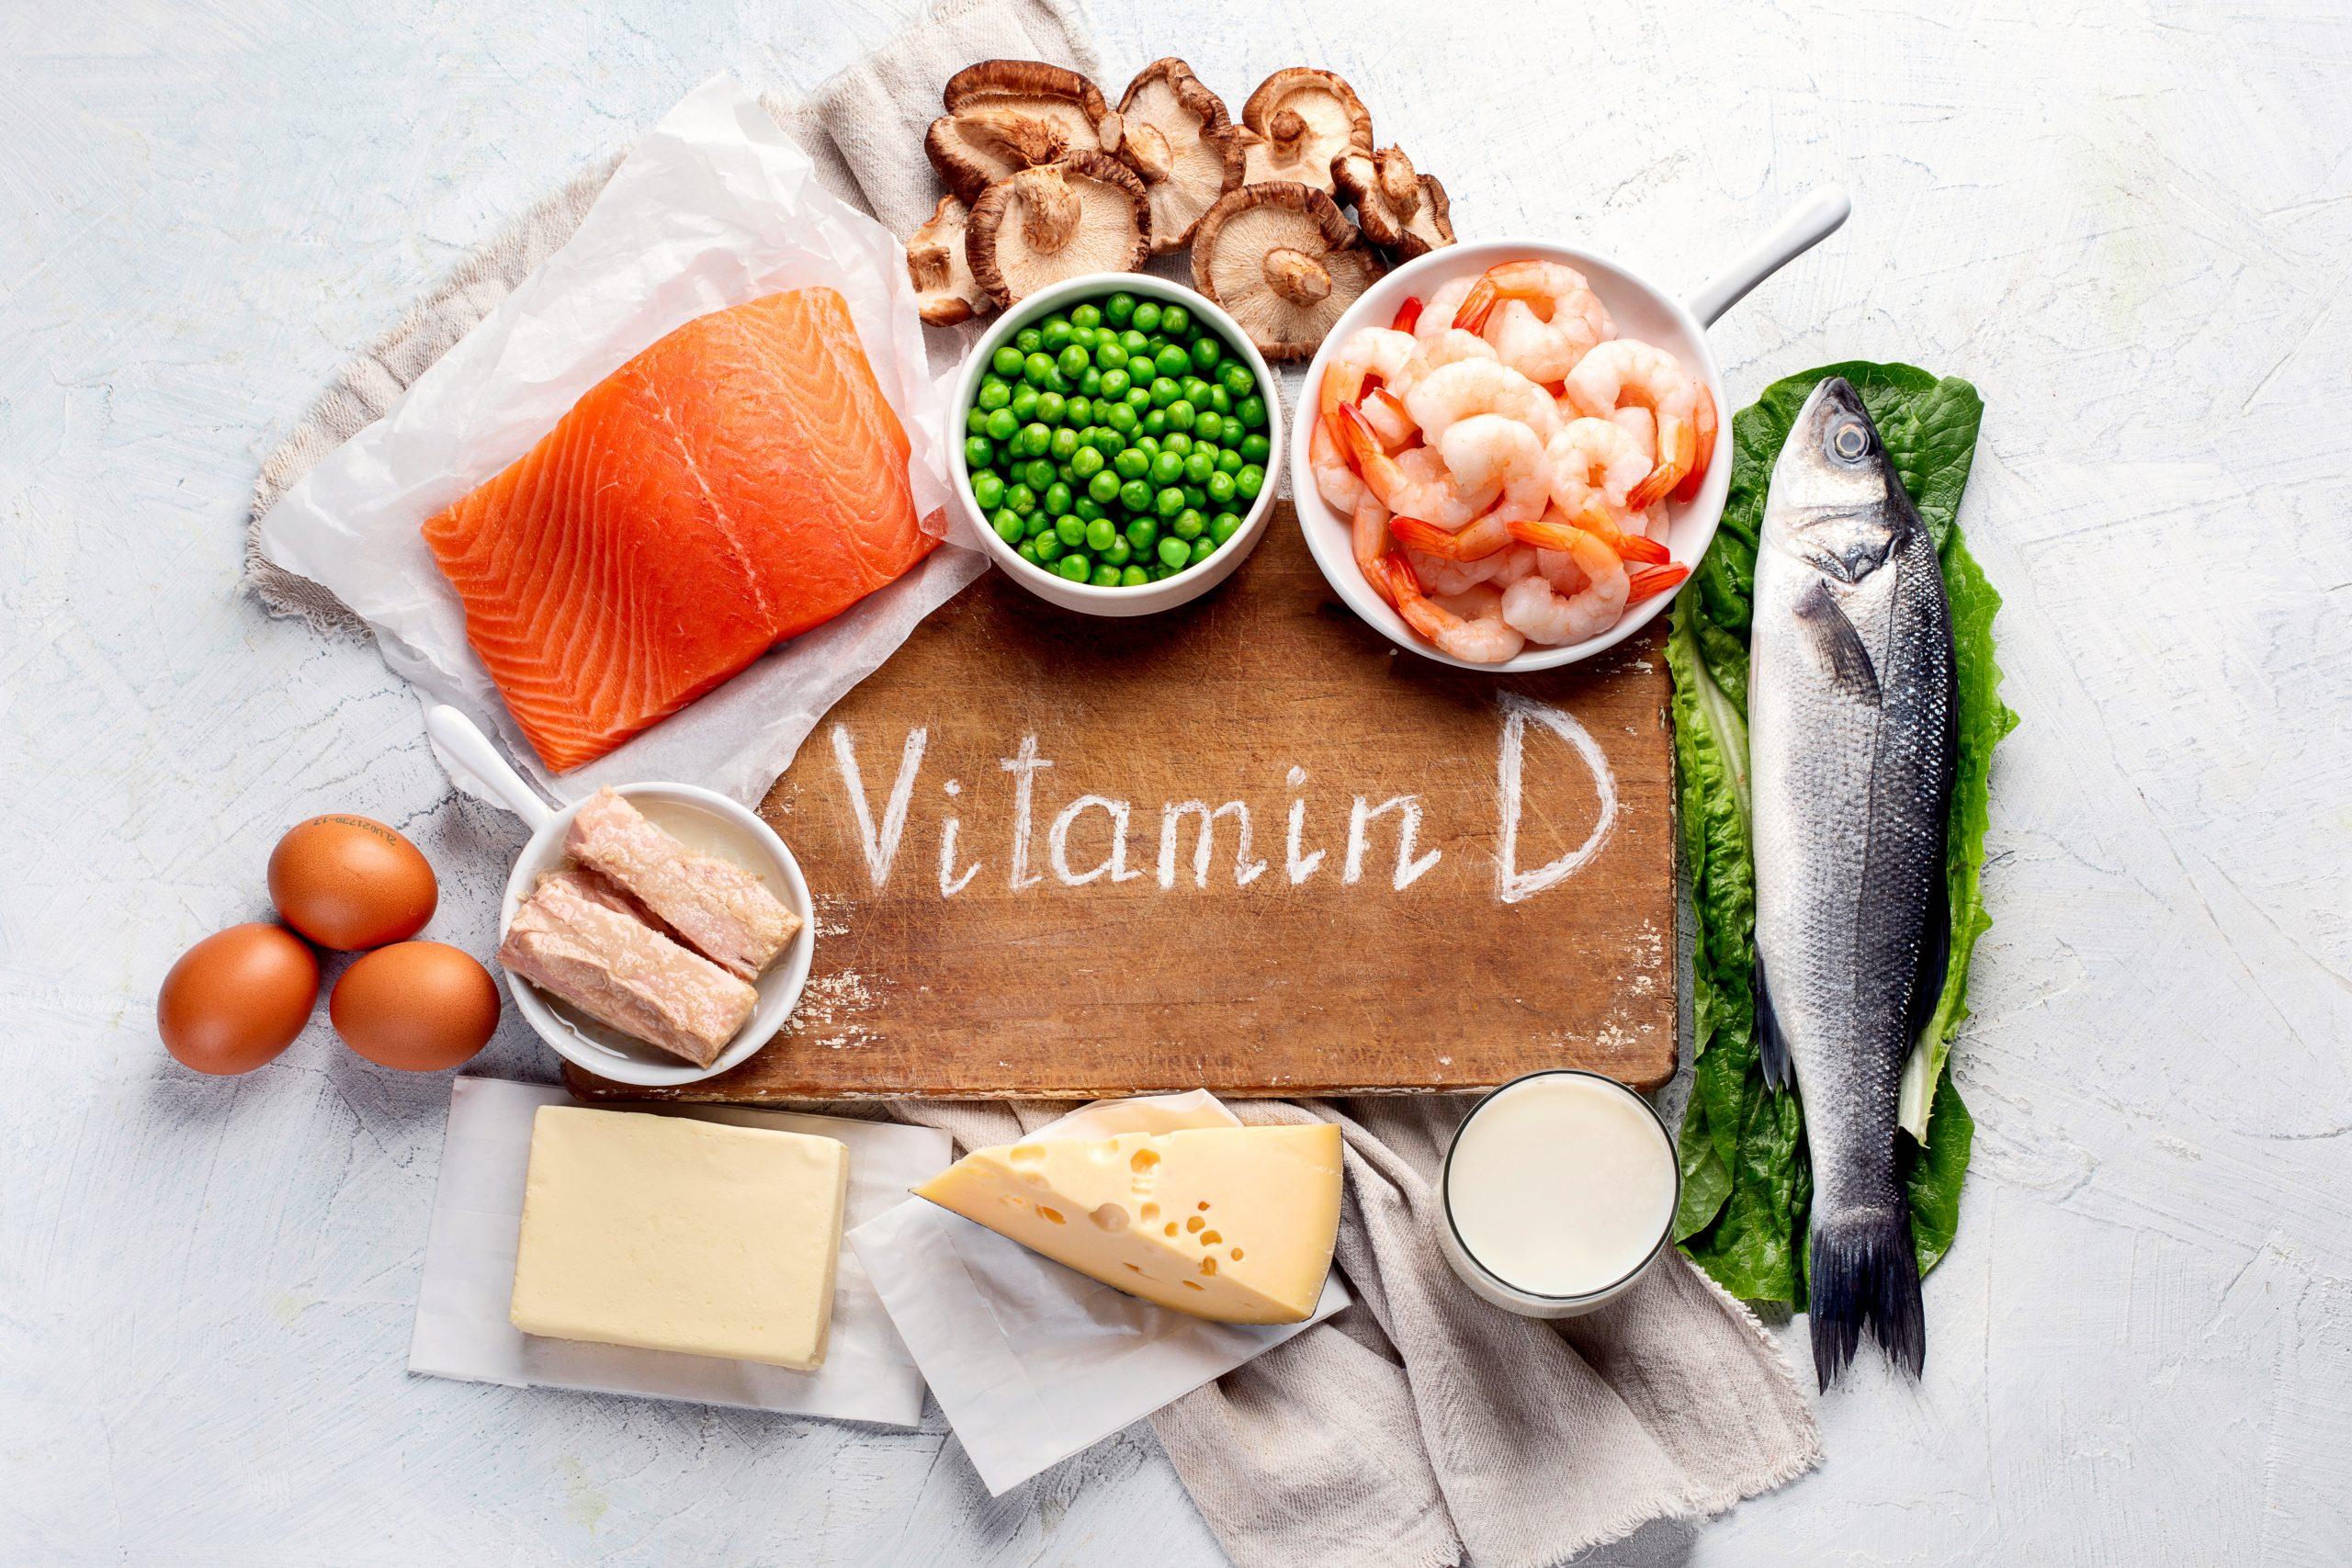 Schützt Vitamin D vor Krankheiten?